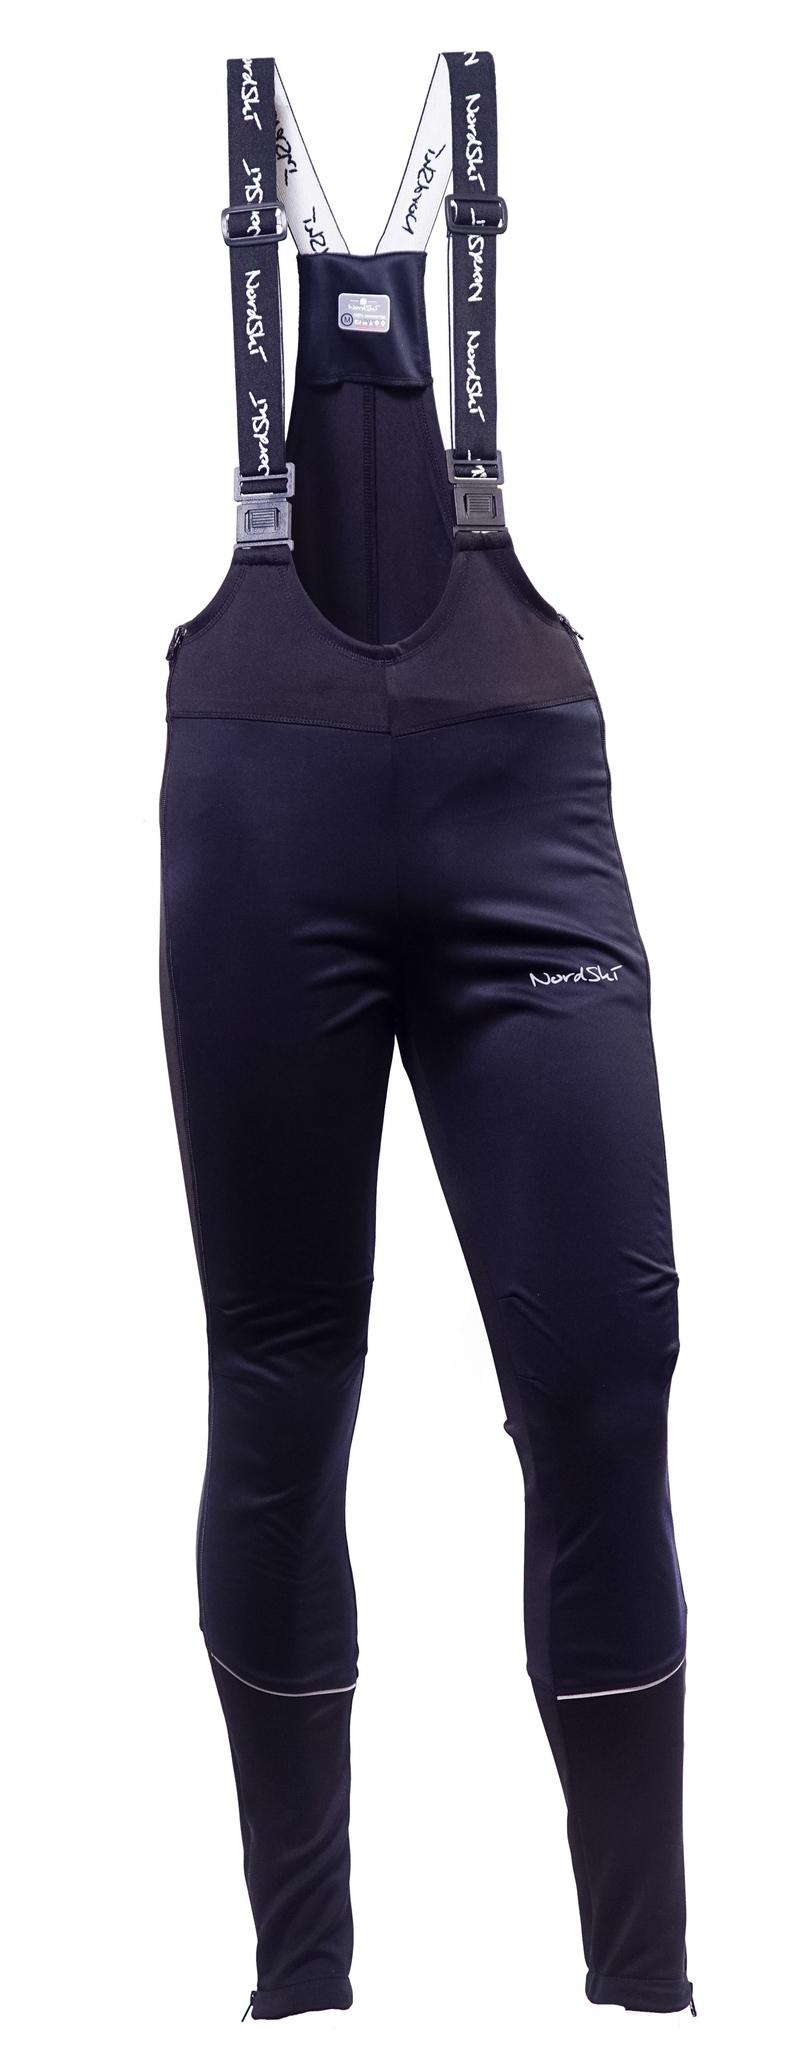 Мужской разминочный лыжный костюм Nordski Active (NSM301200) черный брюки